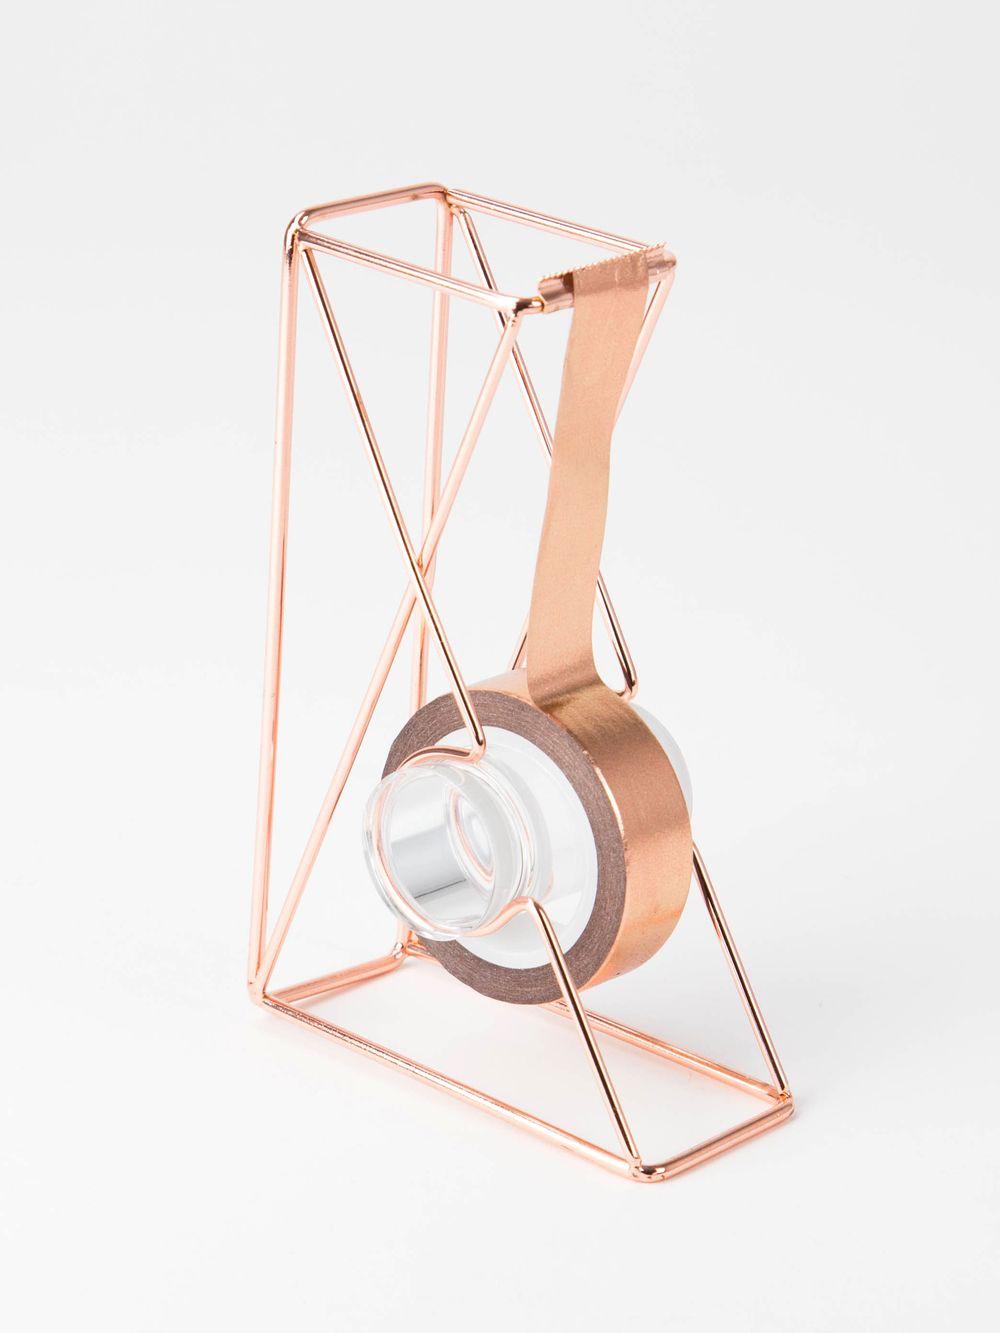 Wire Tape Dispenser, Copper | Kupfer, Kupferdraht und Klebeband